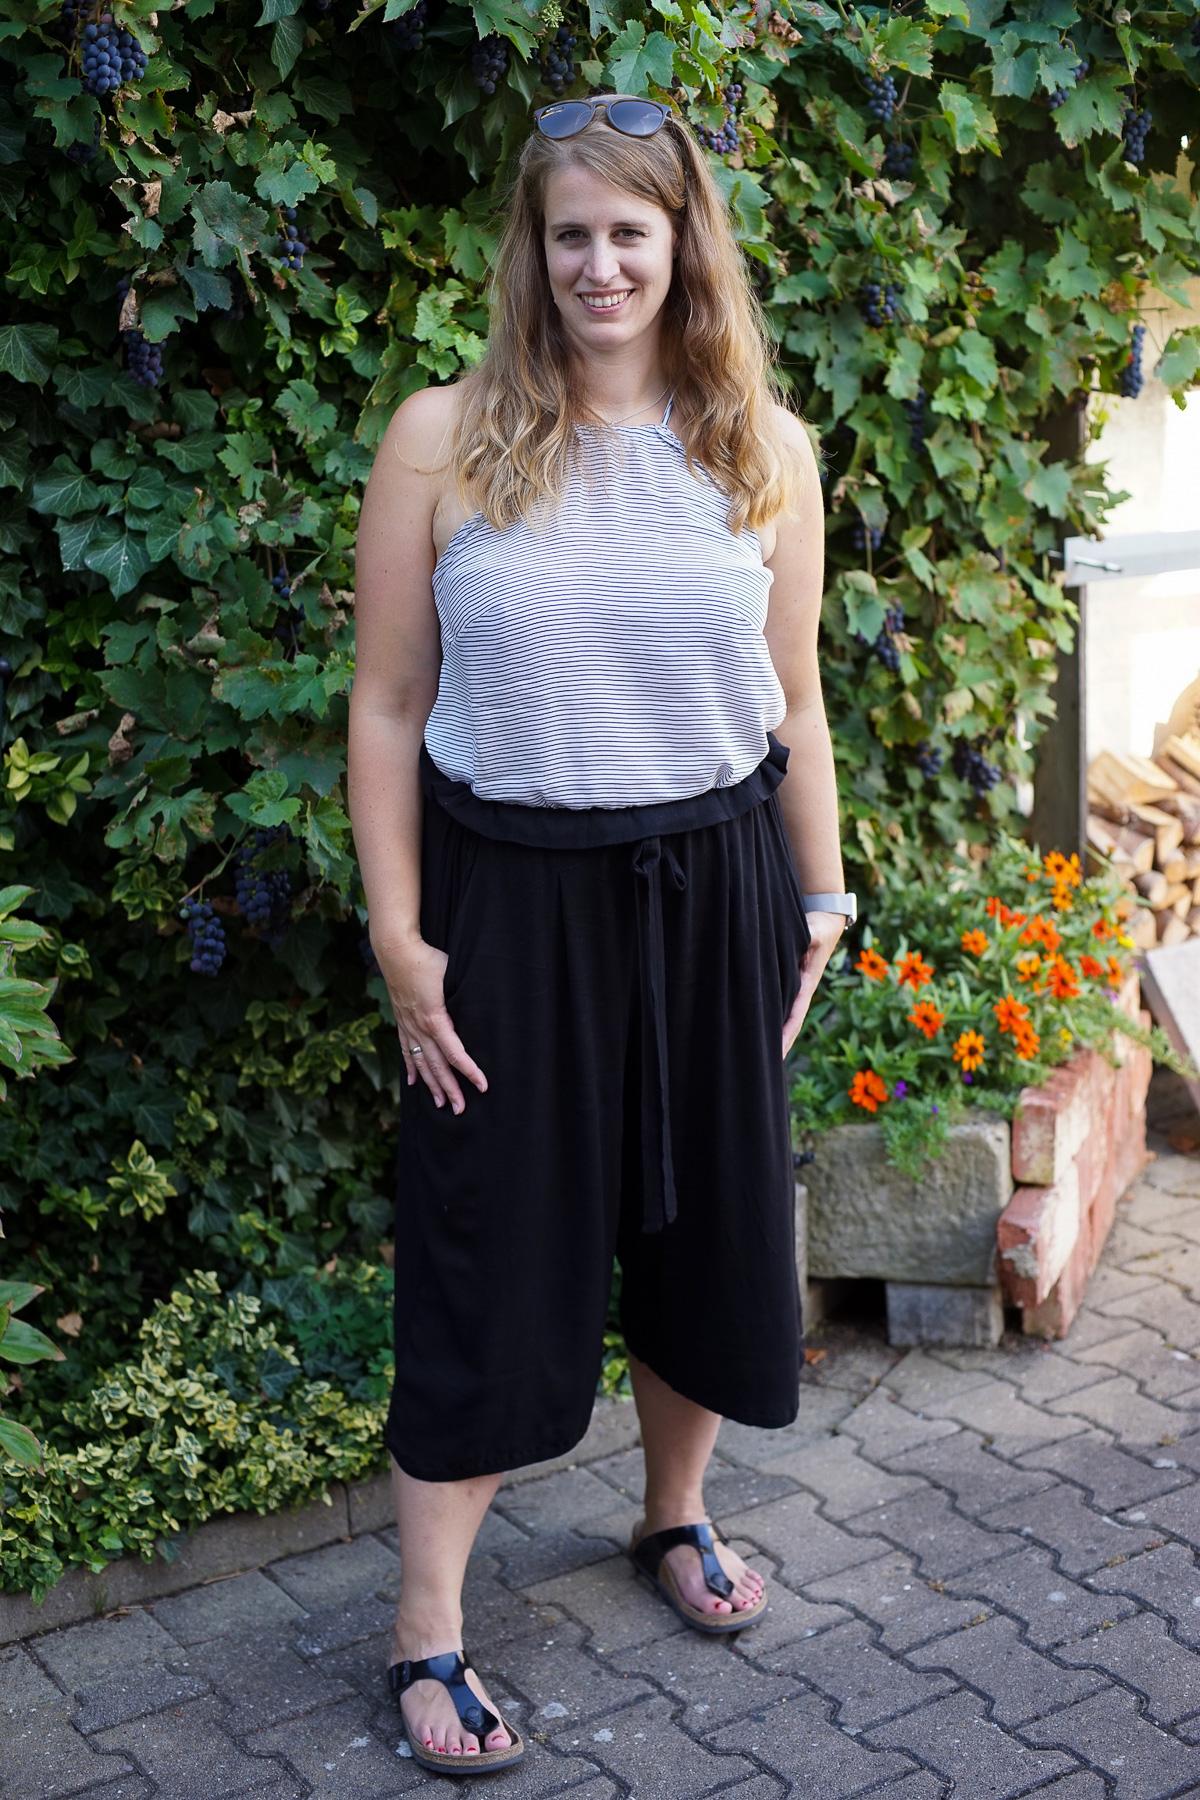 metterlink näht: Top Heidi von The Couture und Paperbag Hose Non von Lilabrombeerwölkchen